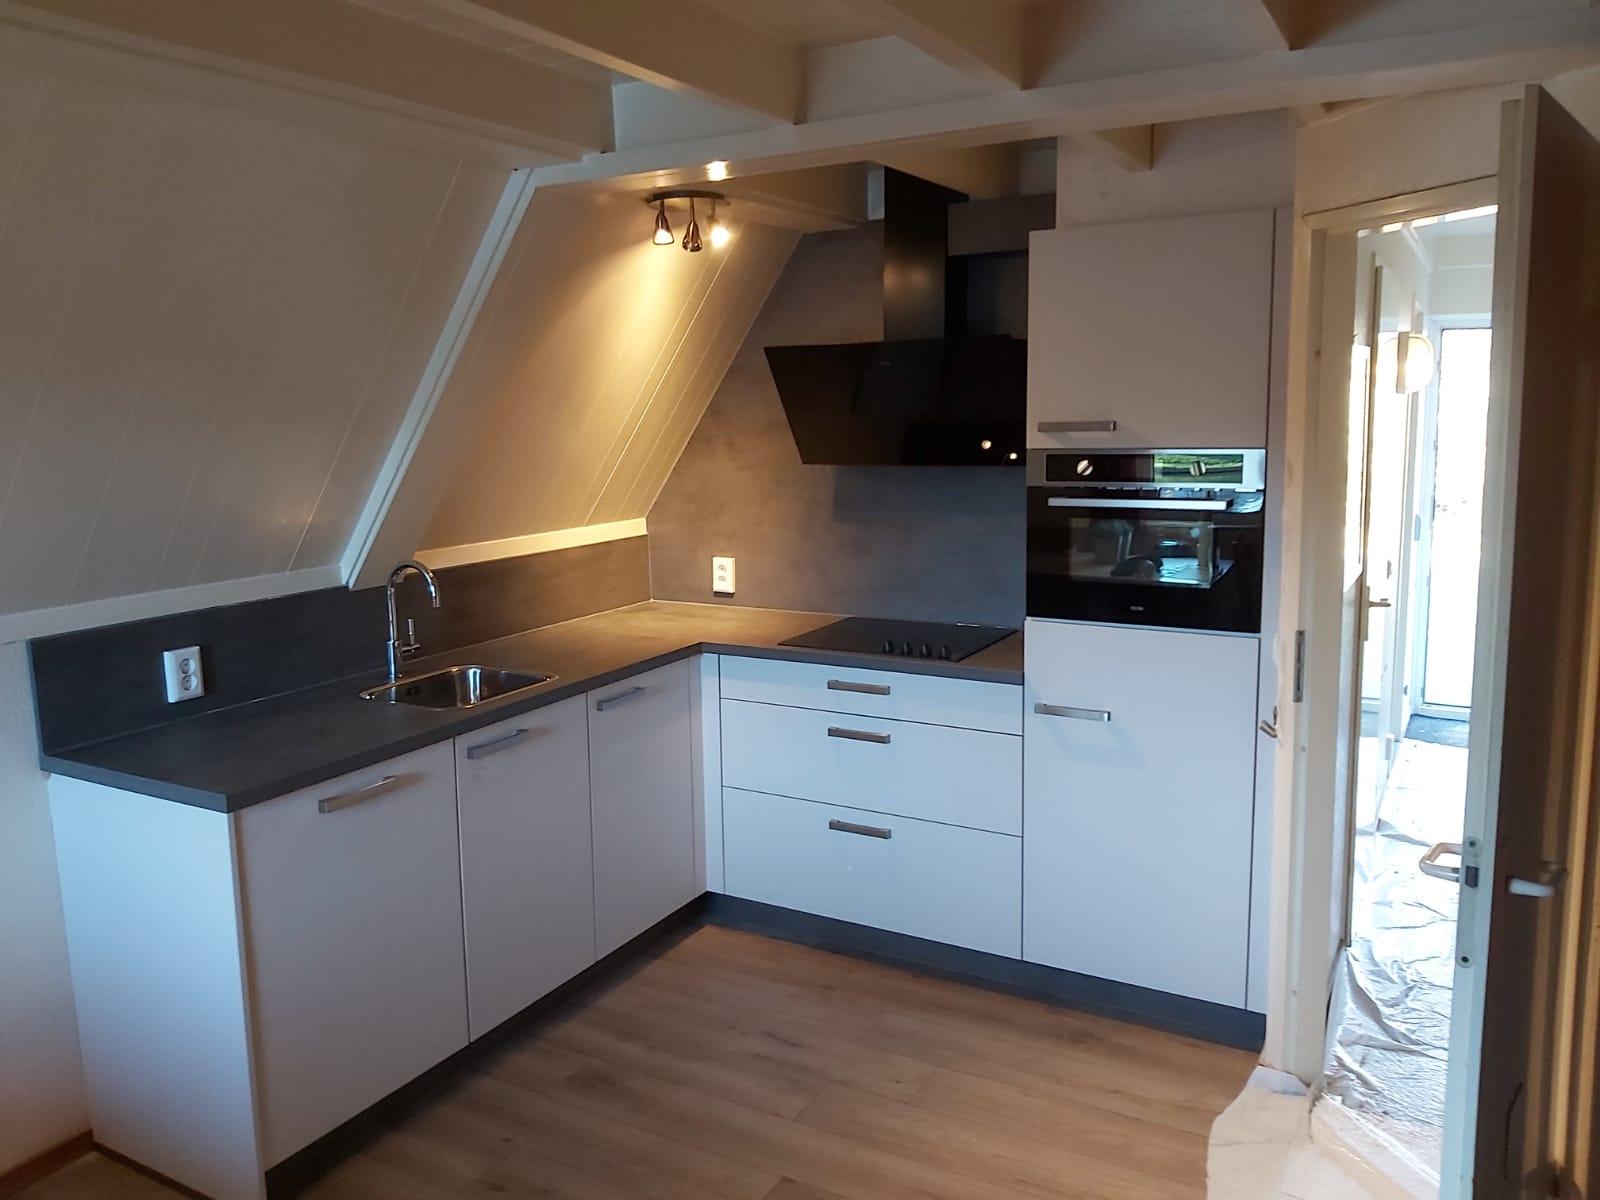 Keuken - 't Hooge Holt